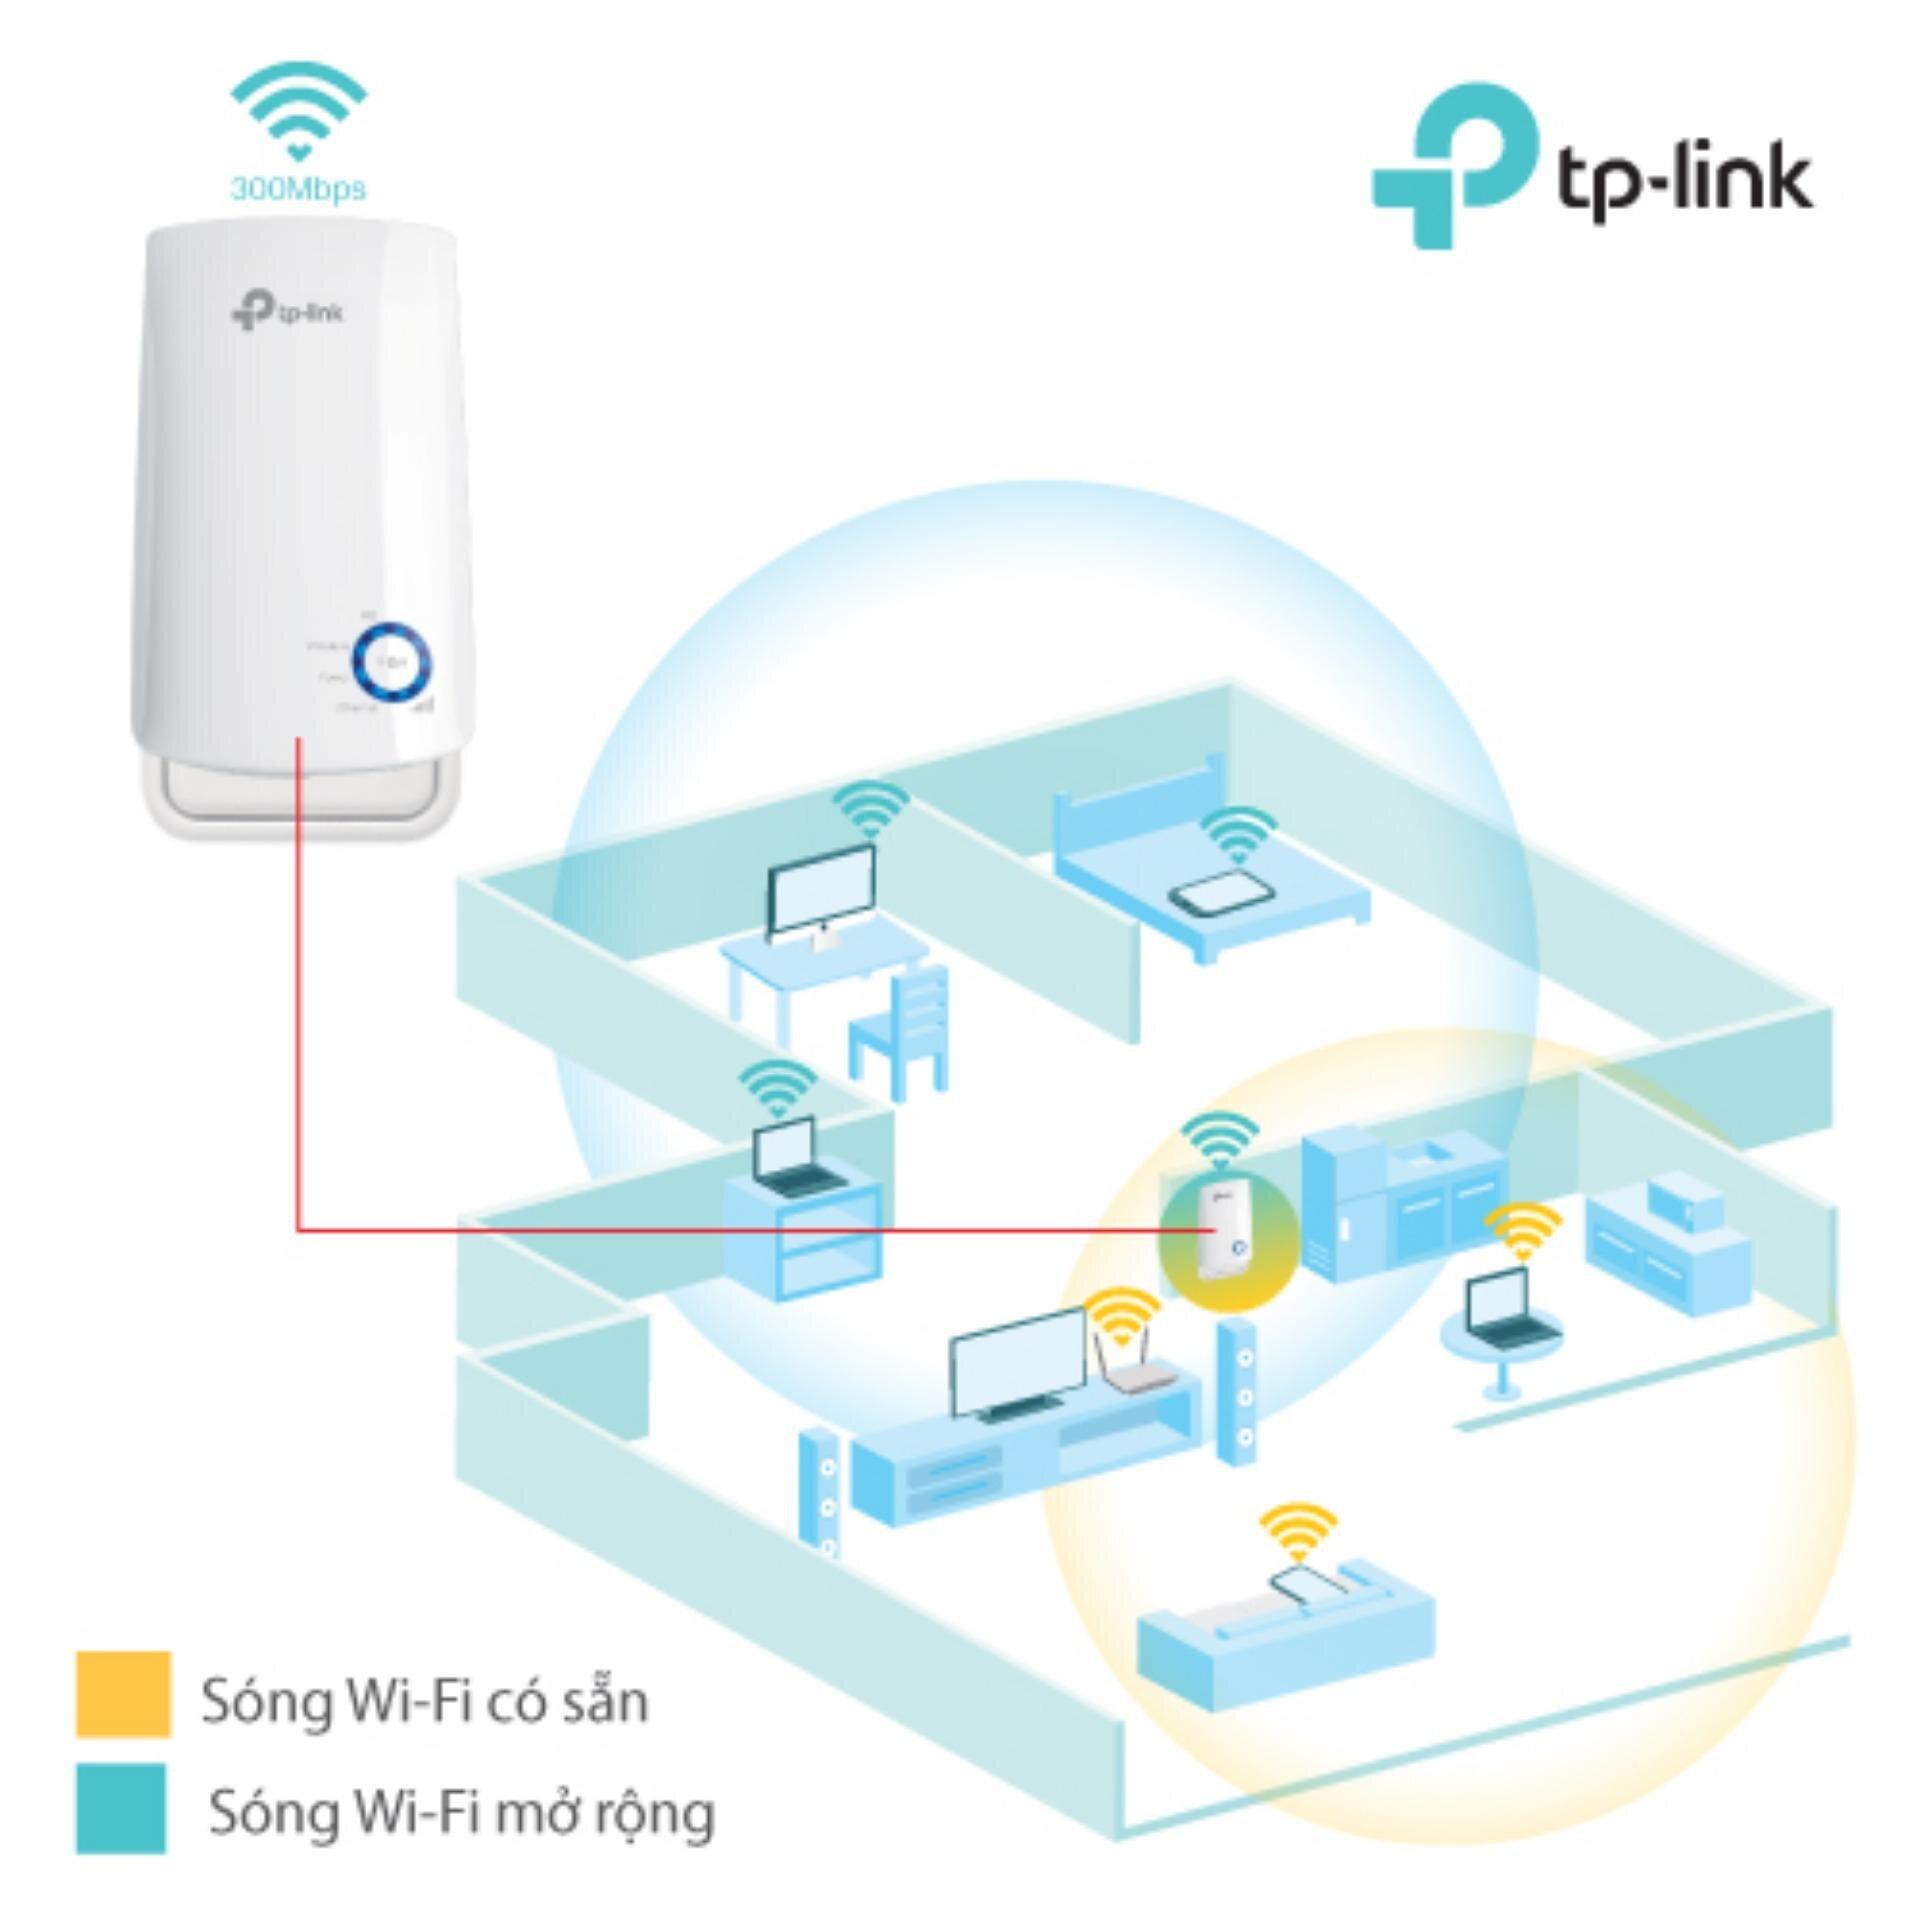 Bạn có thể cài TP-Link TL-WA850RE theo cách thủ công trên trình duyệt điện thoại hoặc máy tính